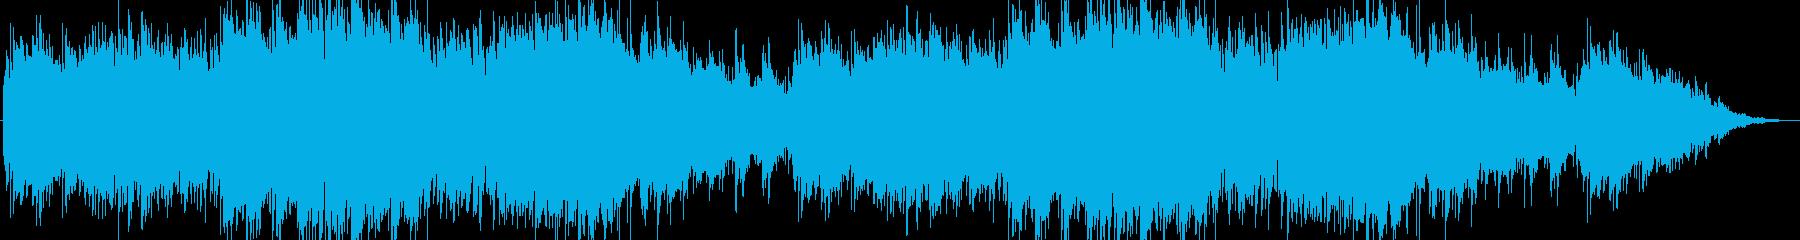 笛の音が特徴的な穏やかな村を表現した楽曲の再生済みの波形